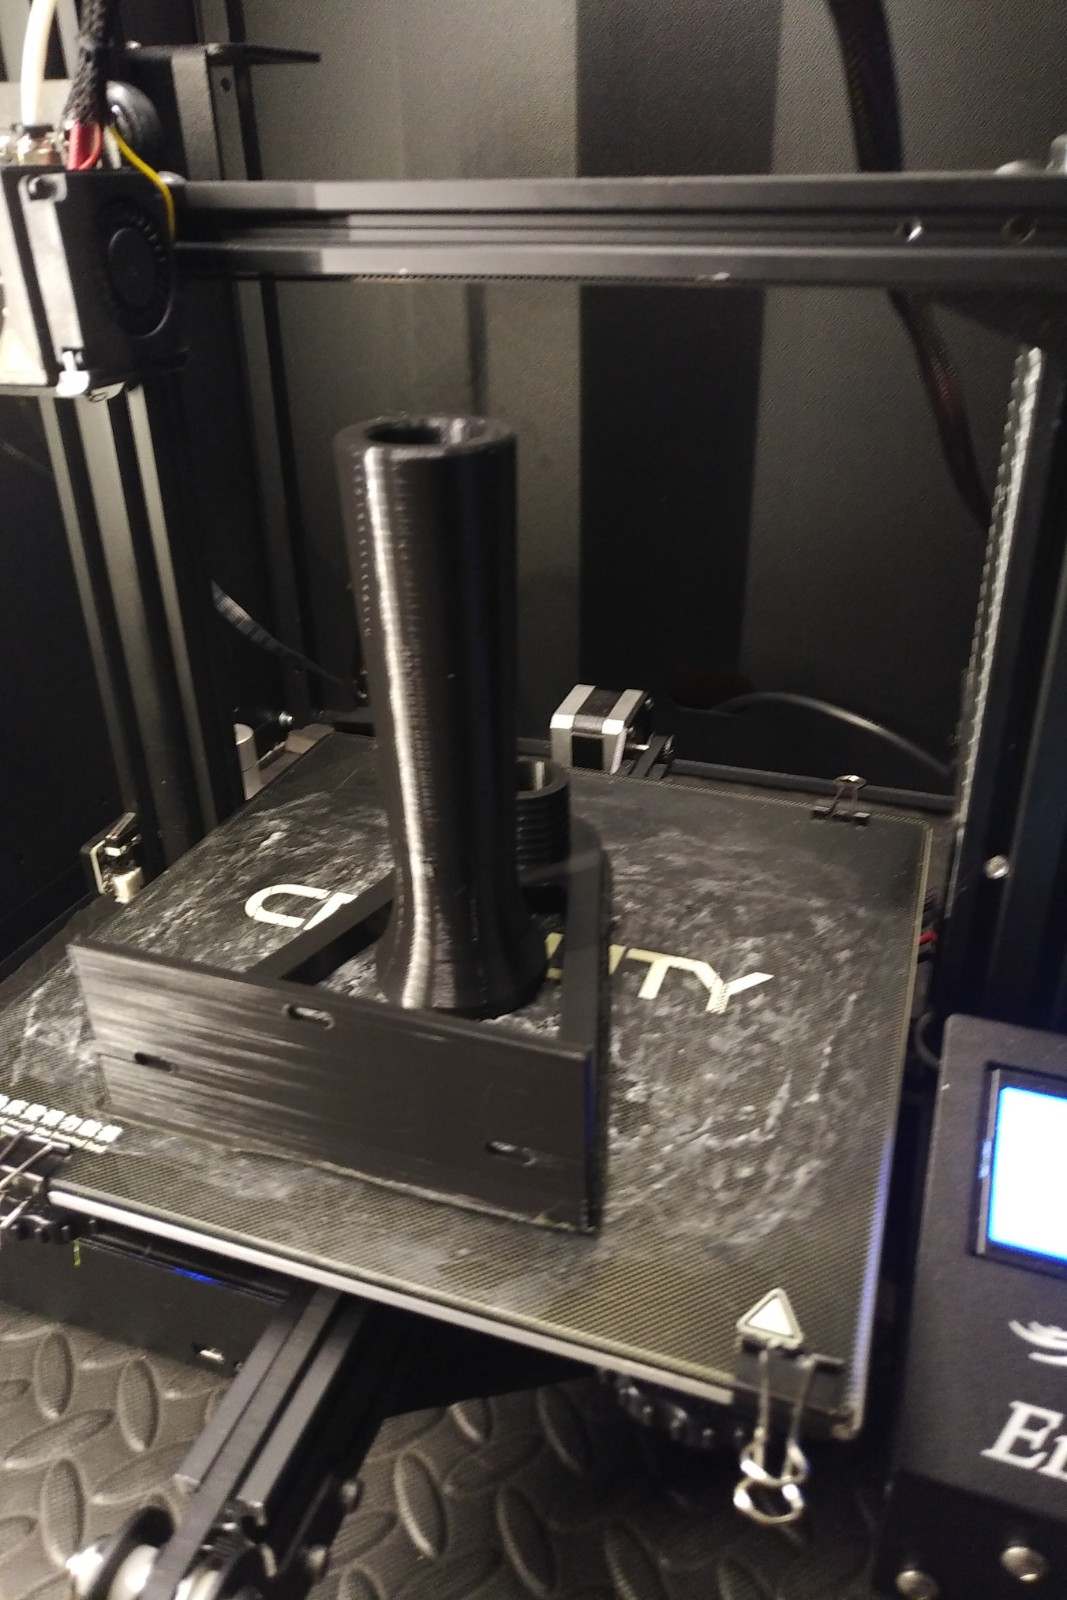 JG-spholder-printed.jpg Download free STL file JGAurora spoolholder v2 (updated) • 3D printer design, TimBauer-TB3Dprint